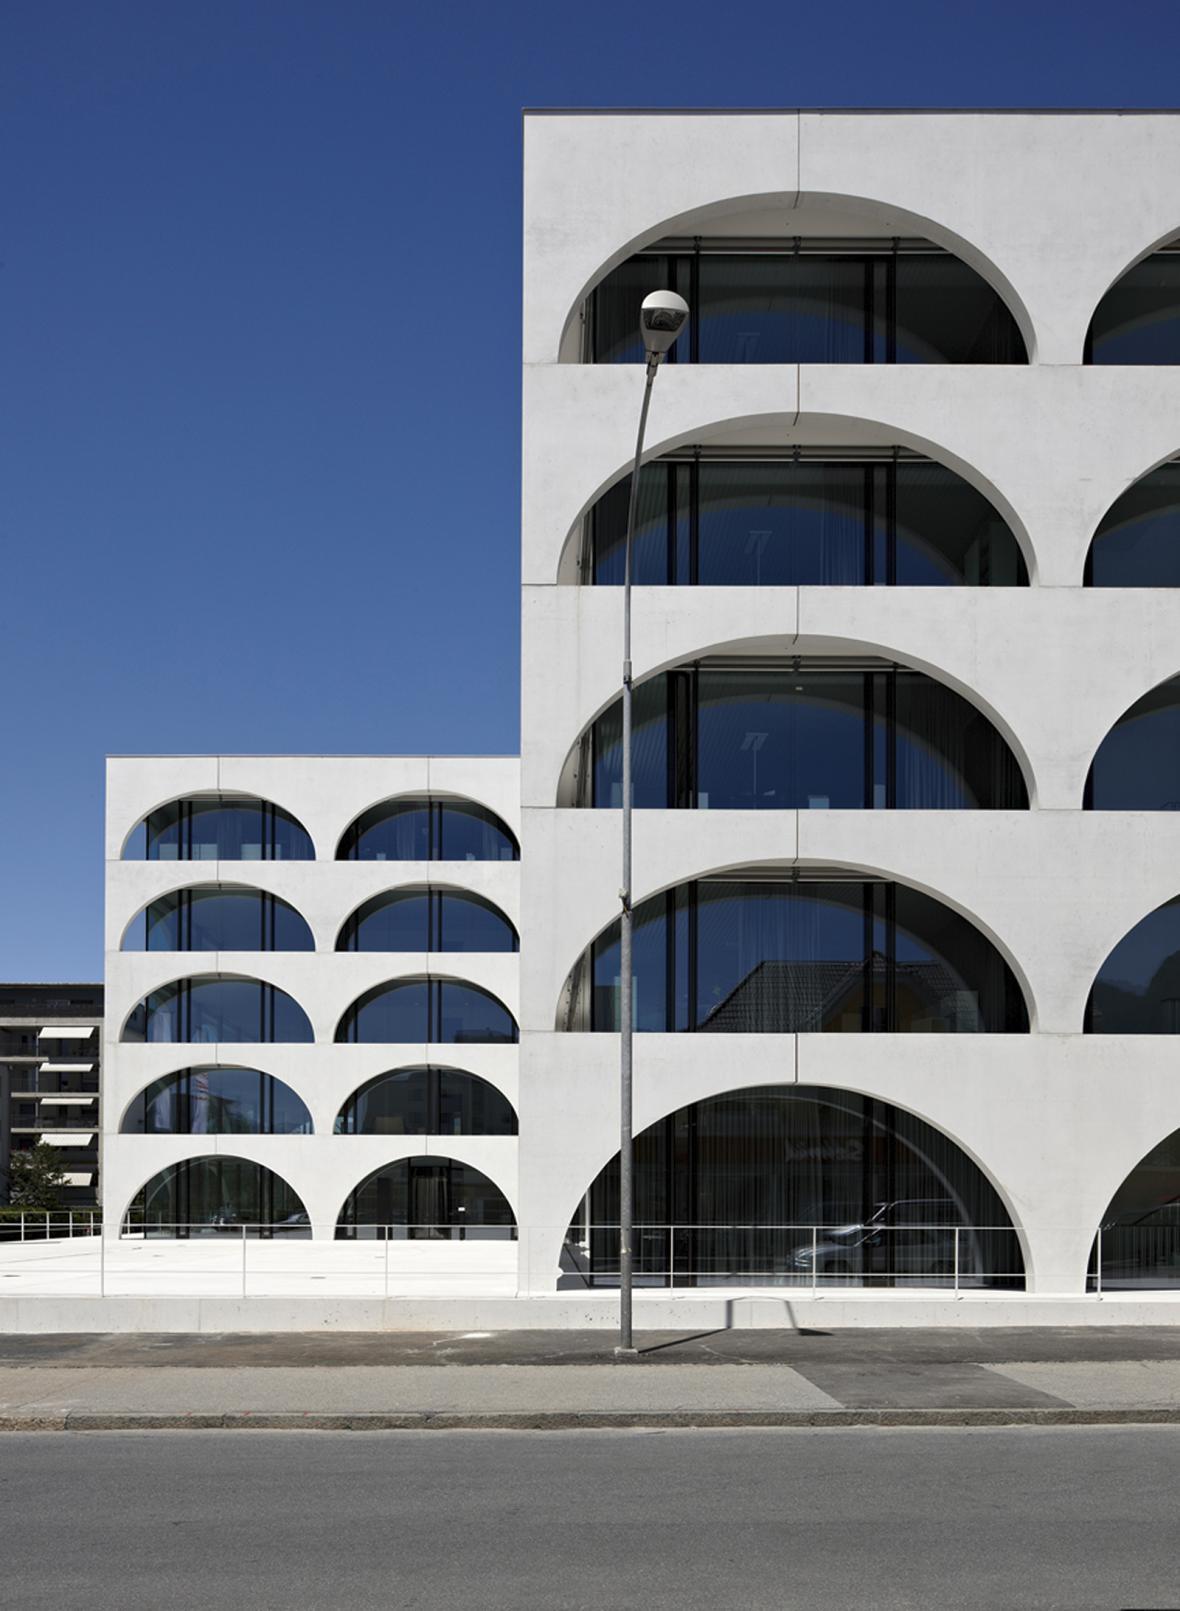 Švýcarská architektura v Galerii Josefa Fragnera